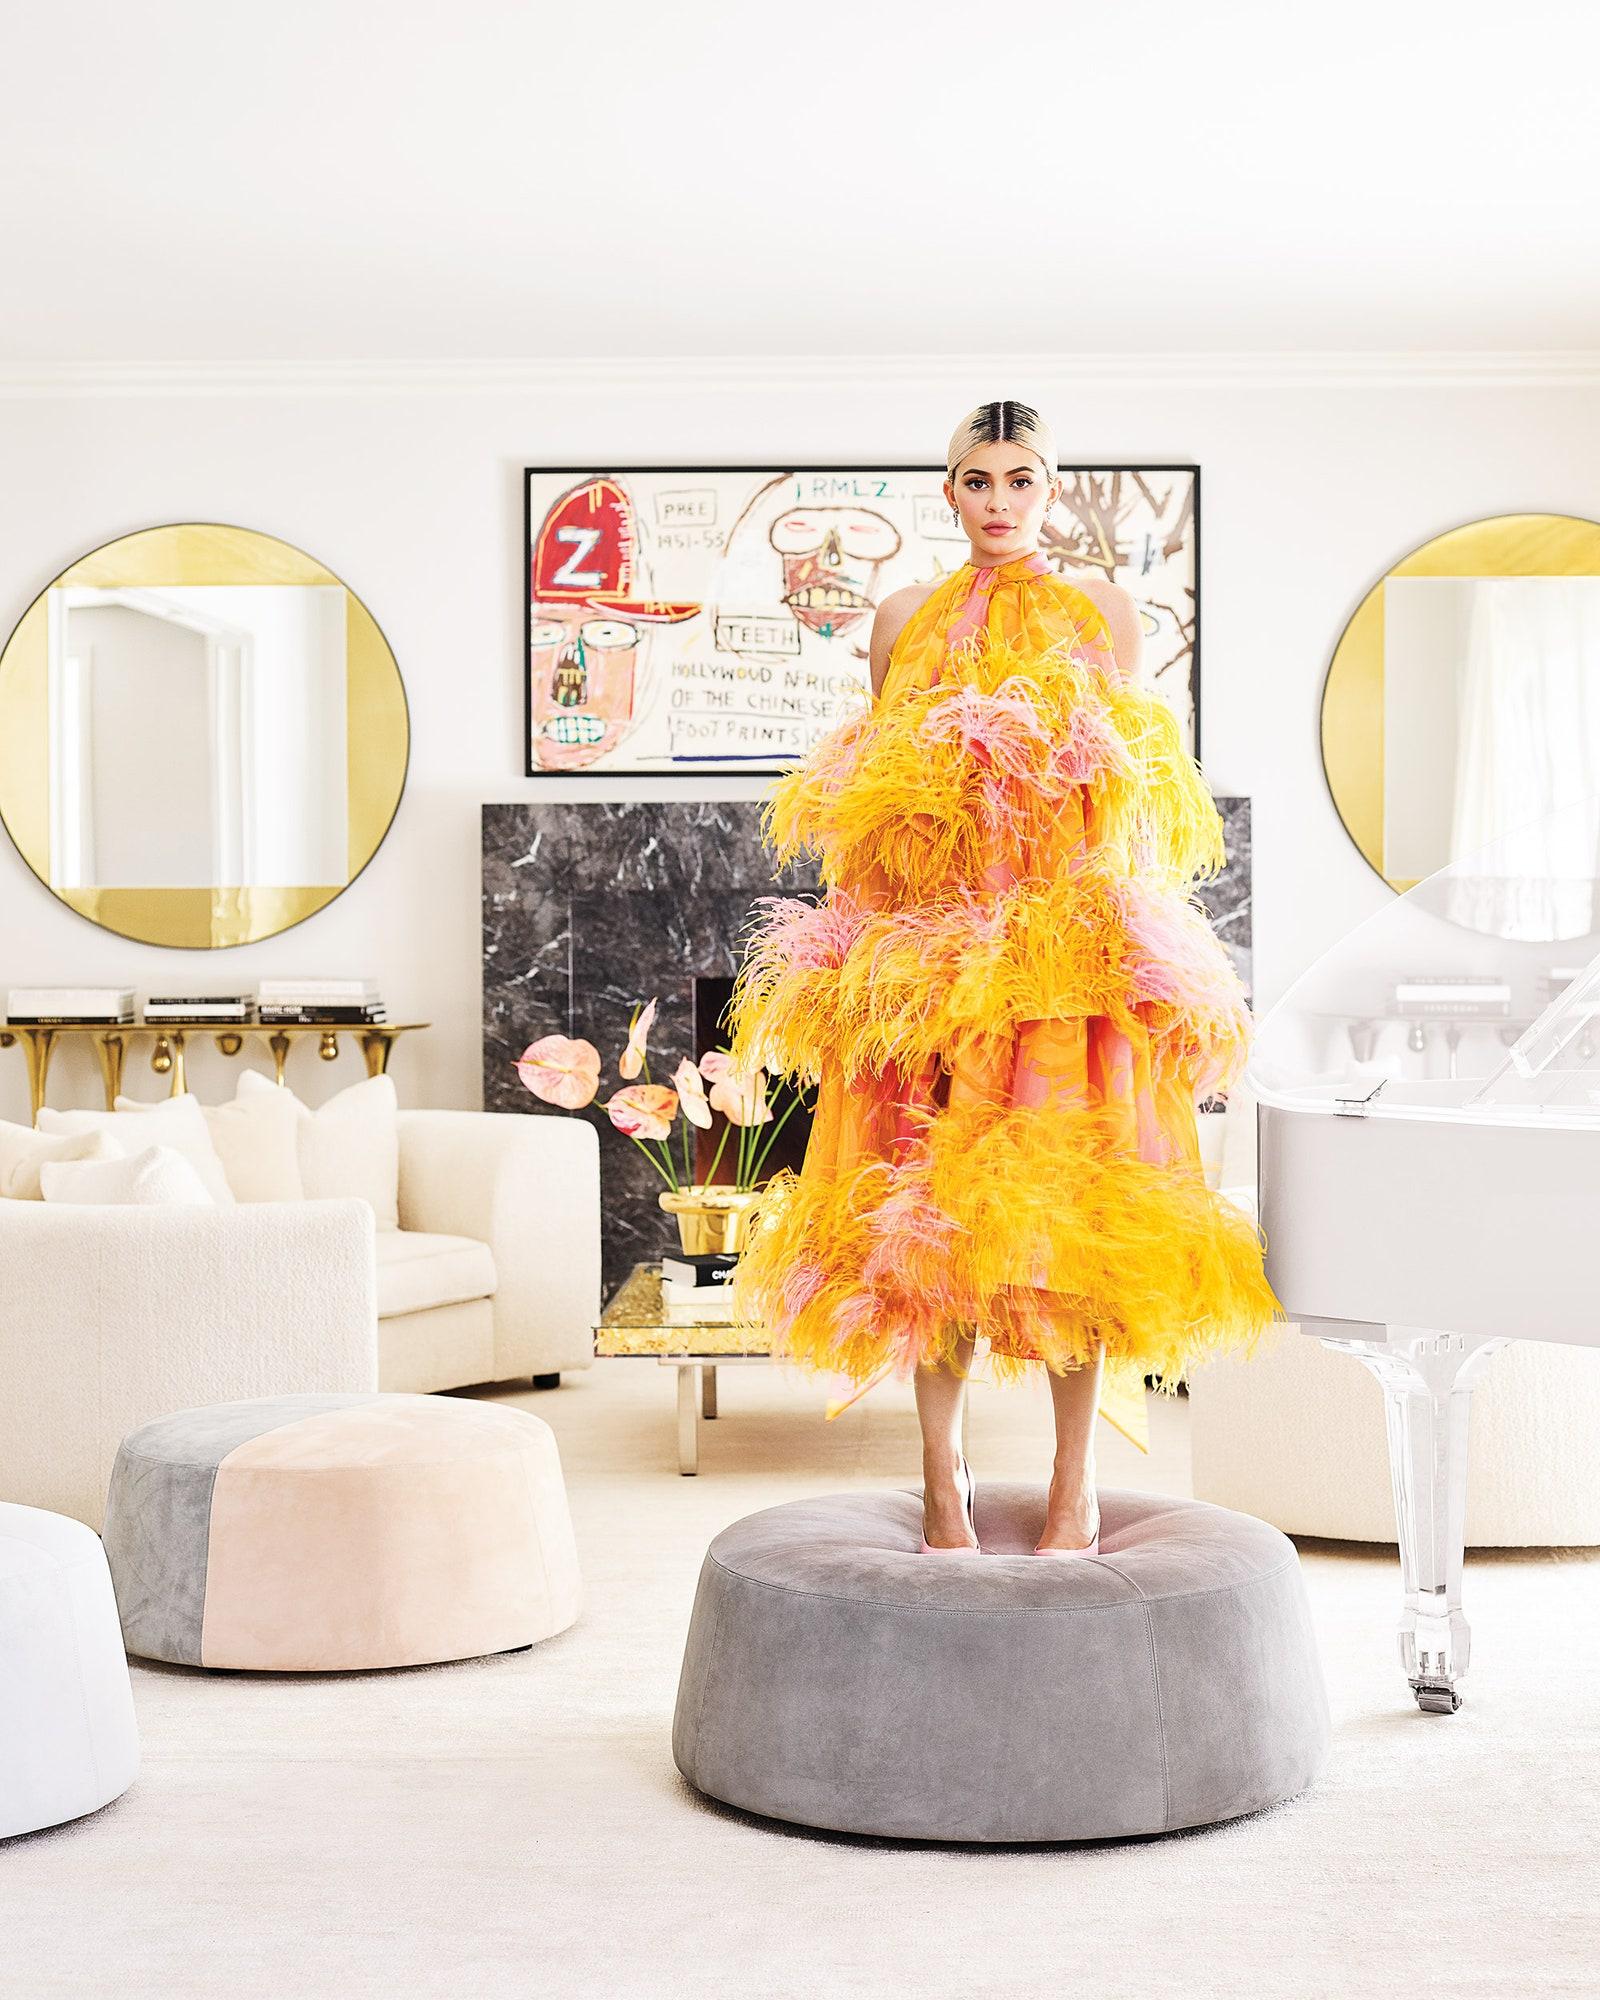 Marc Jacobs   Christian Louboutin    .       Wd Furniture Design   Yves Klein  Tom Dixon         Schumacher    .